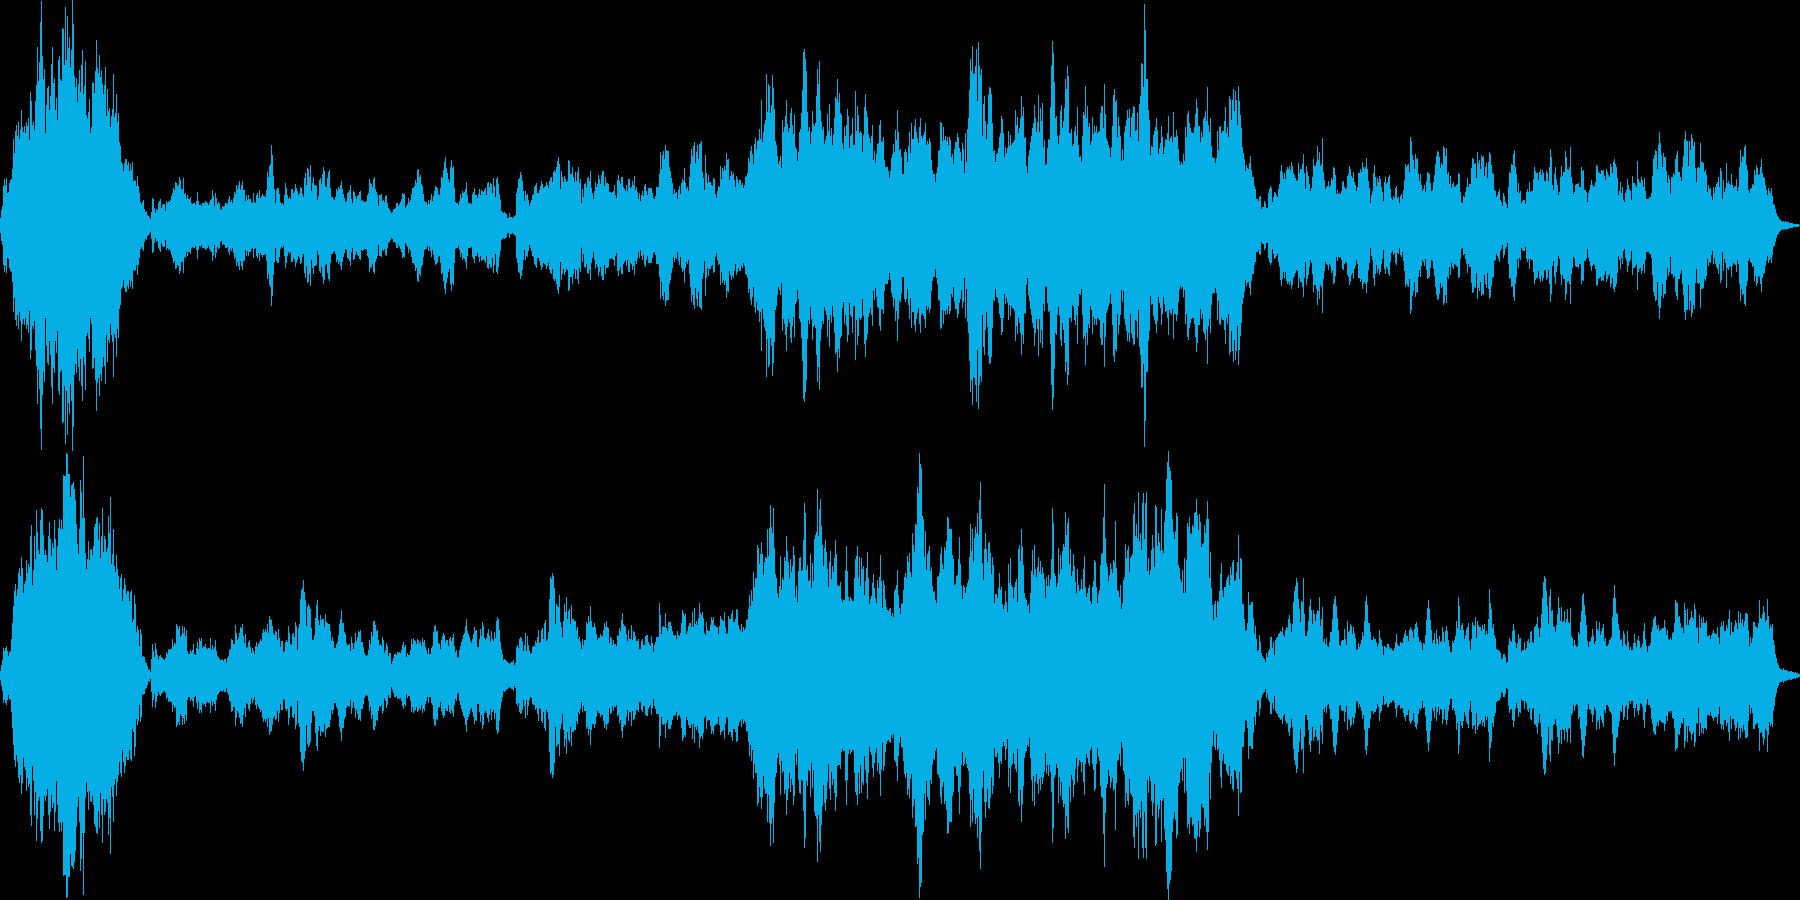 悲壮感漂うオーケストラによる回想シーン曲の再生済みの波形